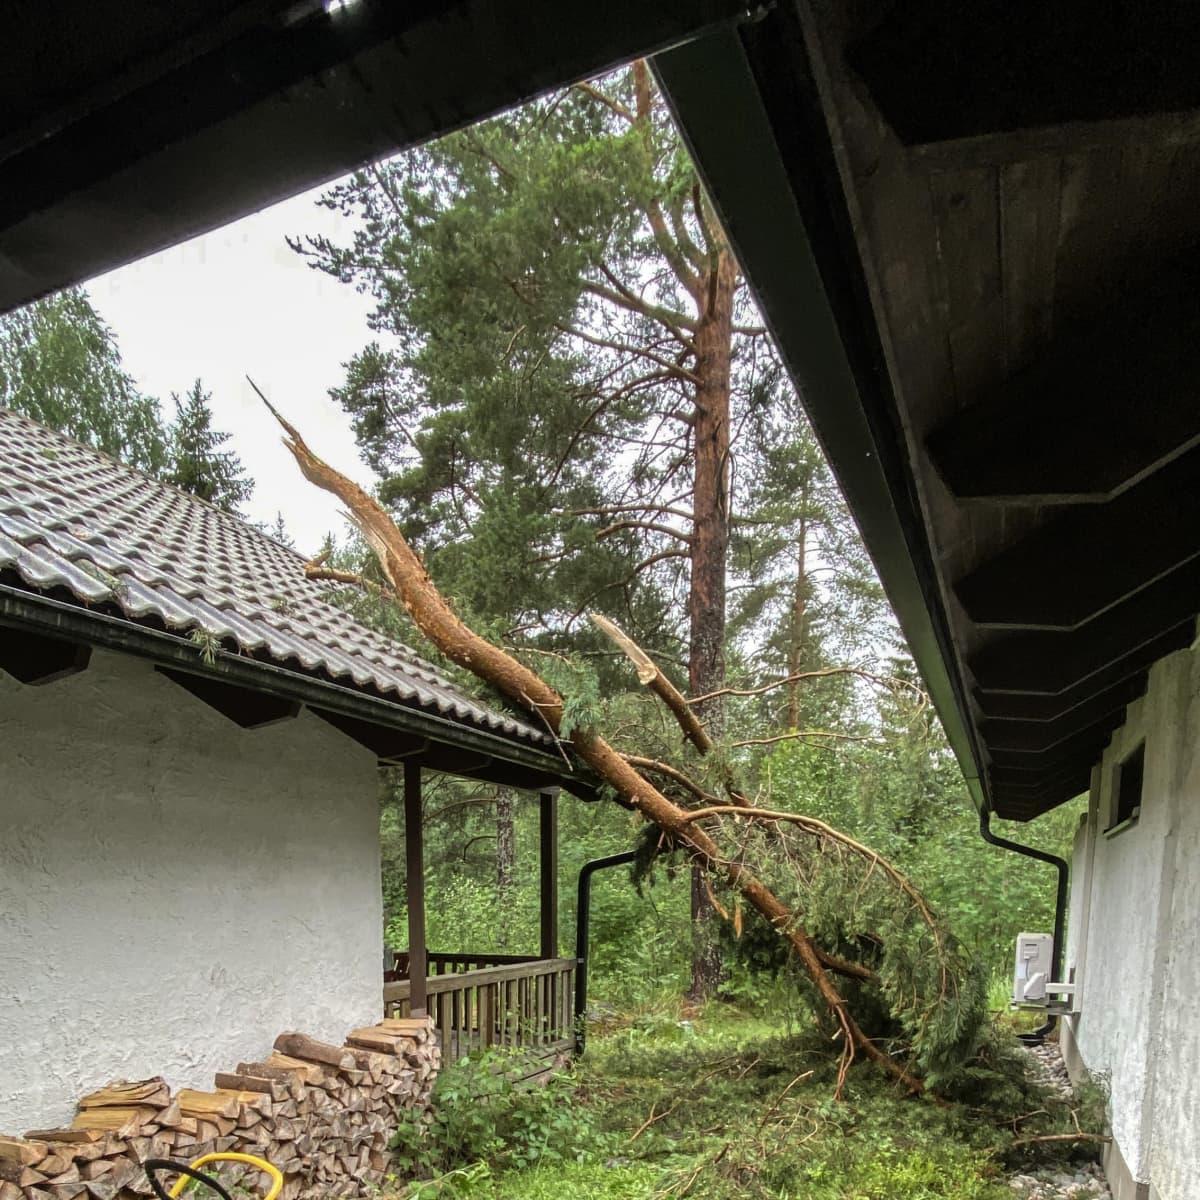 Puu kaatunut talon päälle myrskyssä.